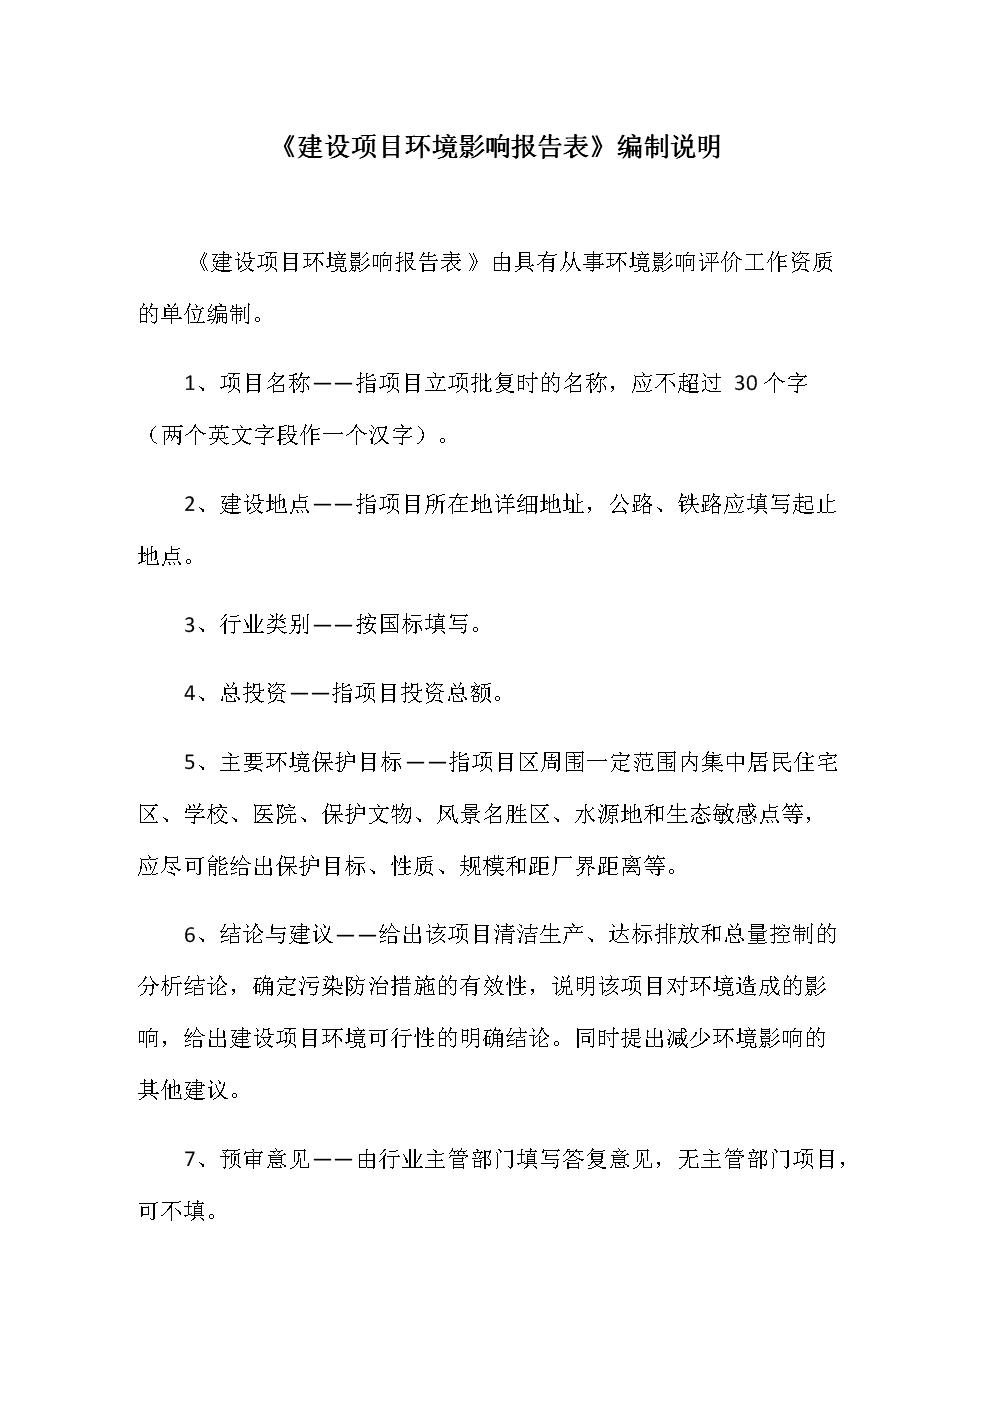 达通奥迪商务中心、沃尔沃4S店项目环境影响报告.docx